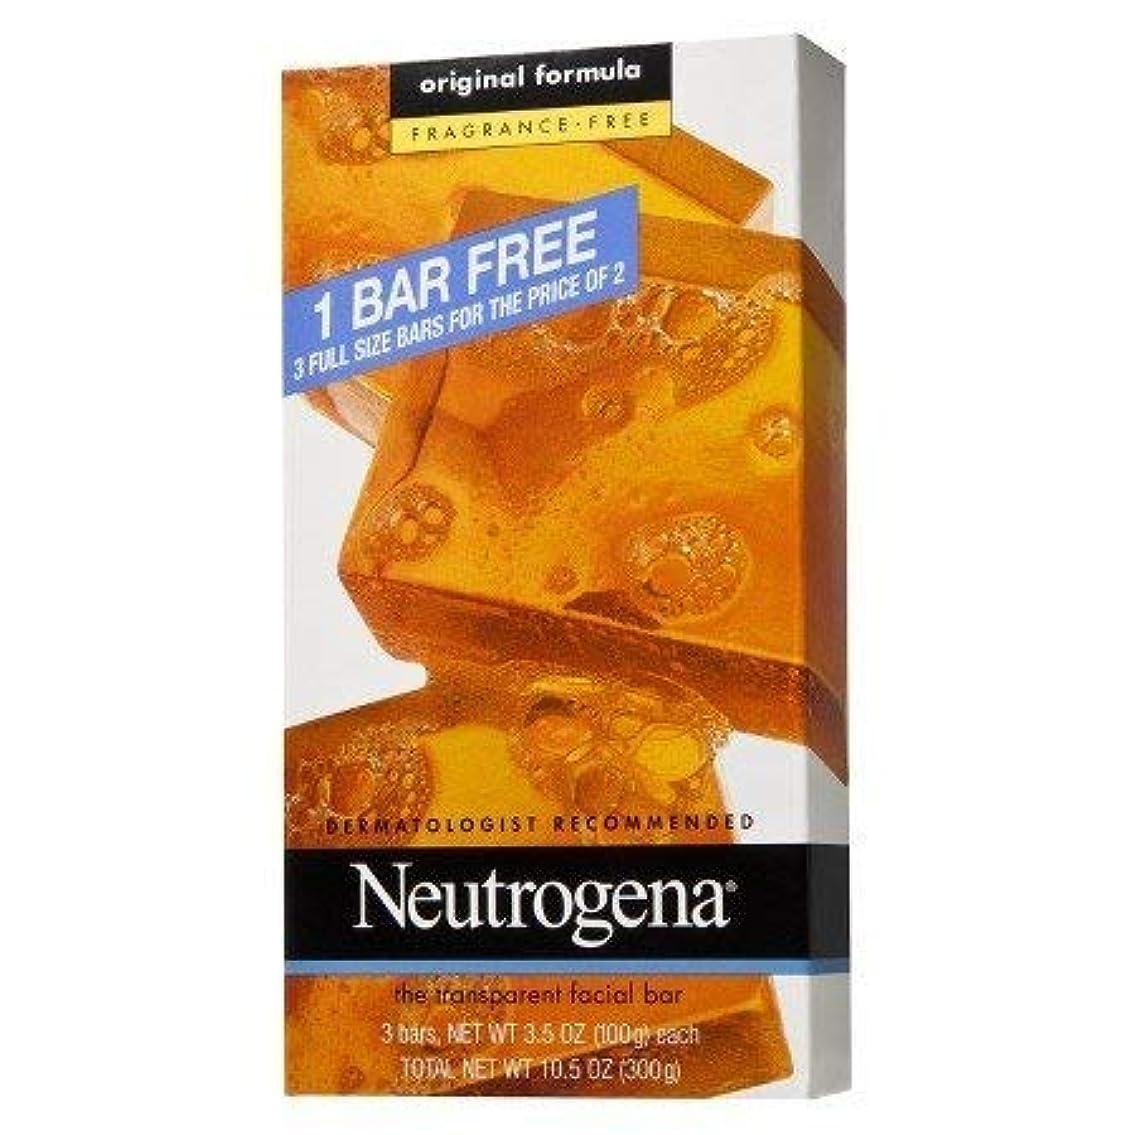 と闘う移動三角Neutrogena Facial Cleansing Bar ニュートロジーナ洗顔用石鹸フレグランスフリー 100gx3個 [並行輸入品]